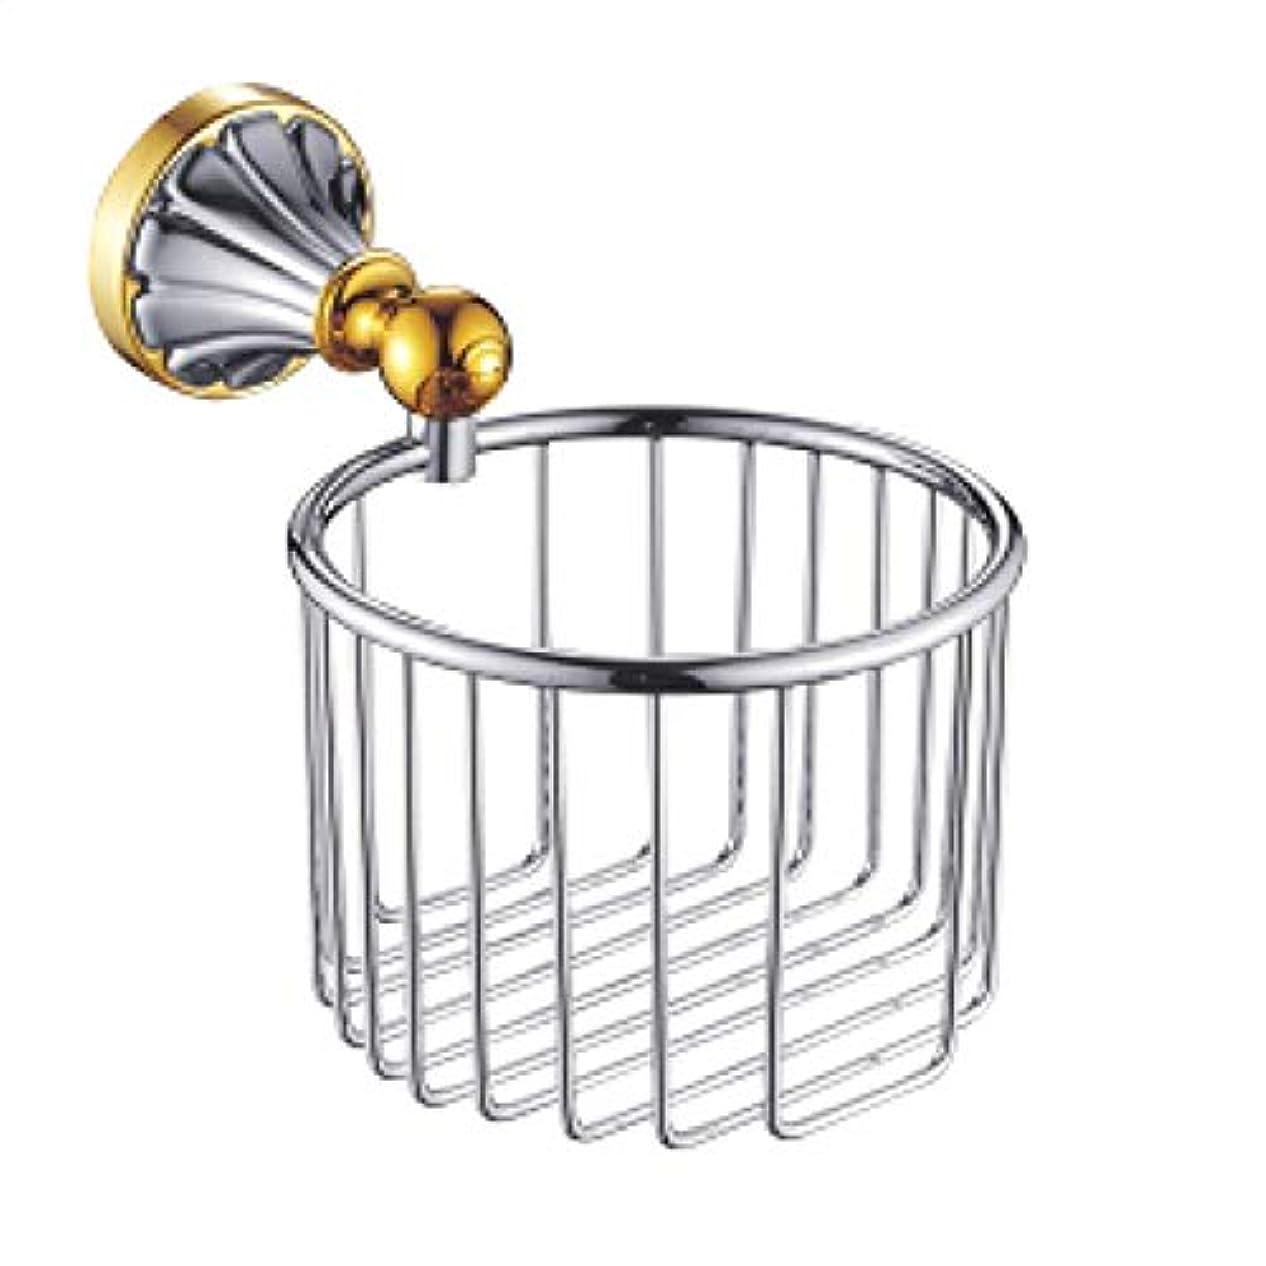 ギャングスター恥ずかしい支援ZZLX 紙タオルホルダー、ヨーロッパスタイルのアンティークゴールド白バスルームトイレットペーパータオル棚 ロングハンドル風呂ブラシ (色 : Gold+chrome)